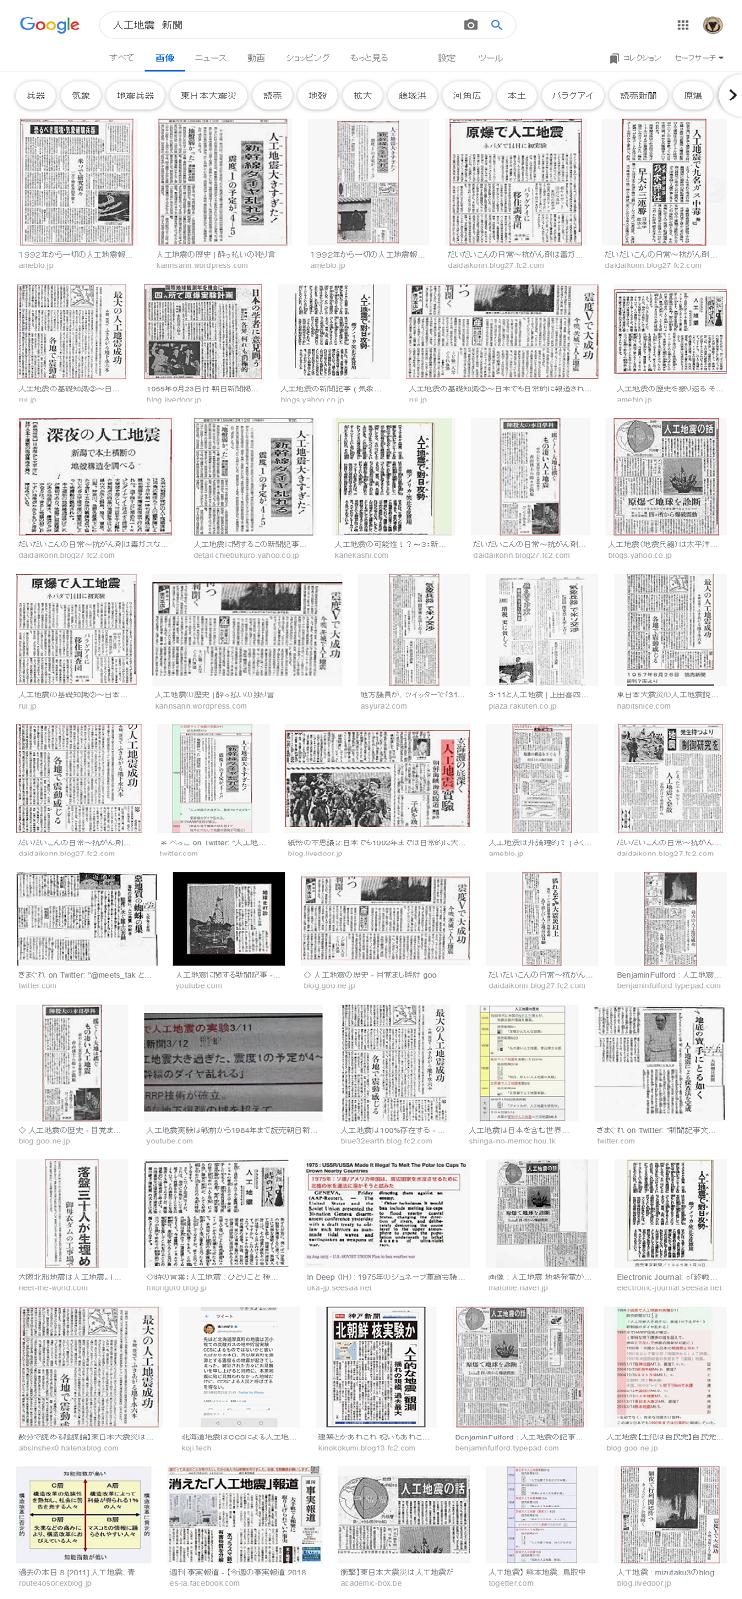 人工地震 新聞で検索結果 人工地震は地下核爆発で起こされてきた55